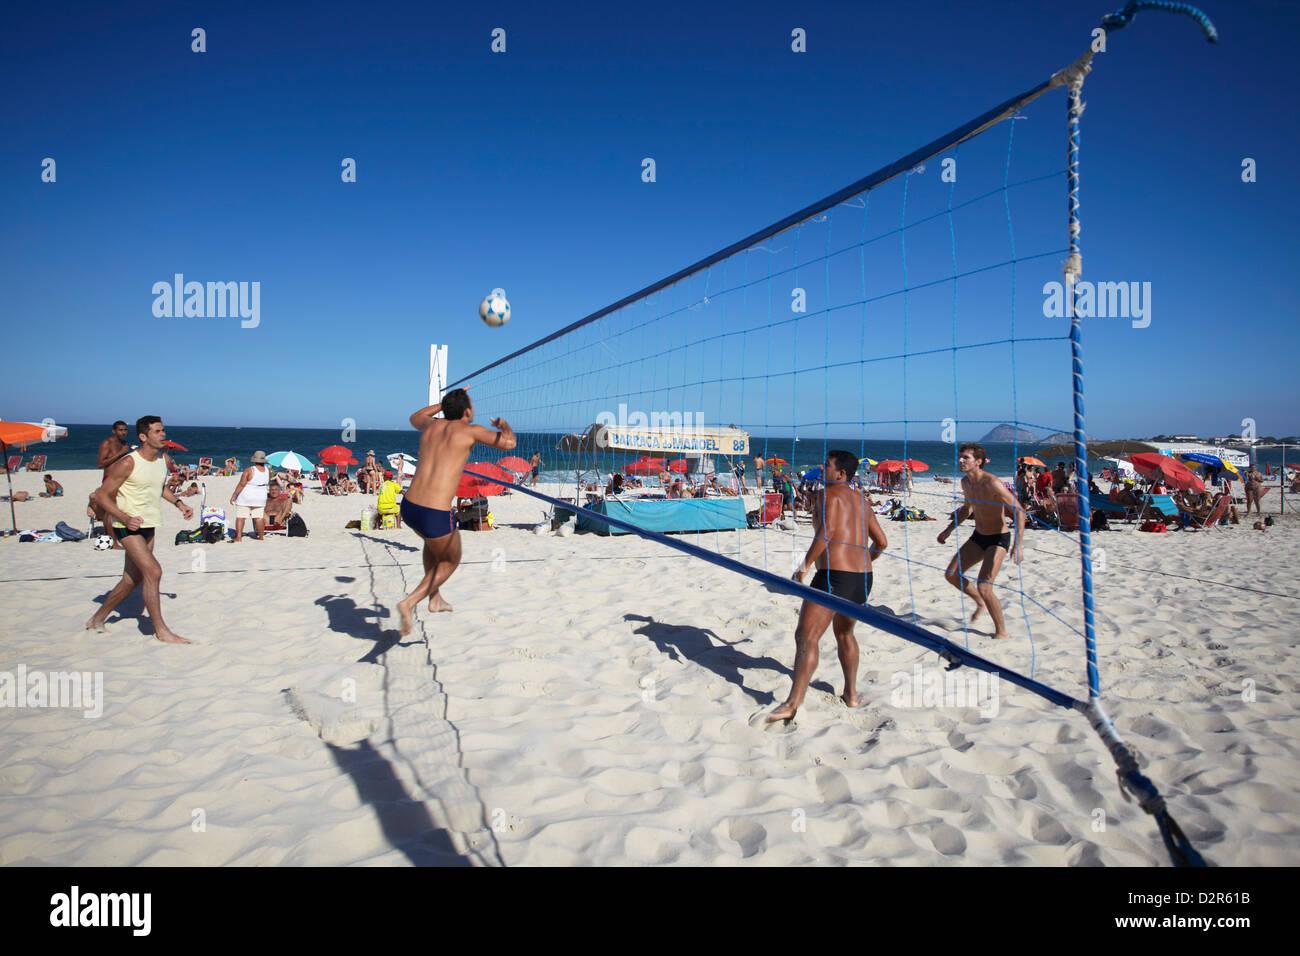 Gli uomini la riproduzione di foot volley (futevolei) sulla spiaggia di Copacabana, Rio de Janeiro, Brasile, Sud Immagini Stock